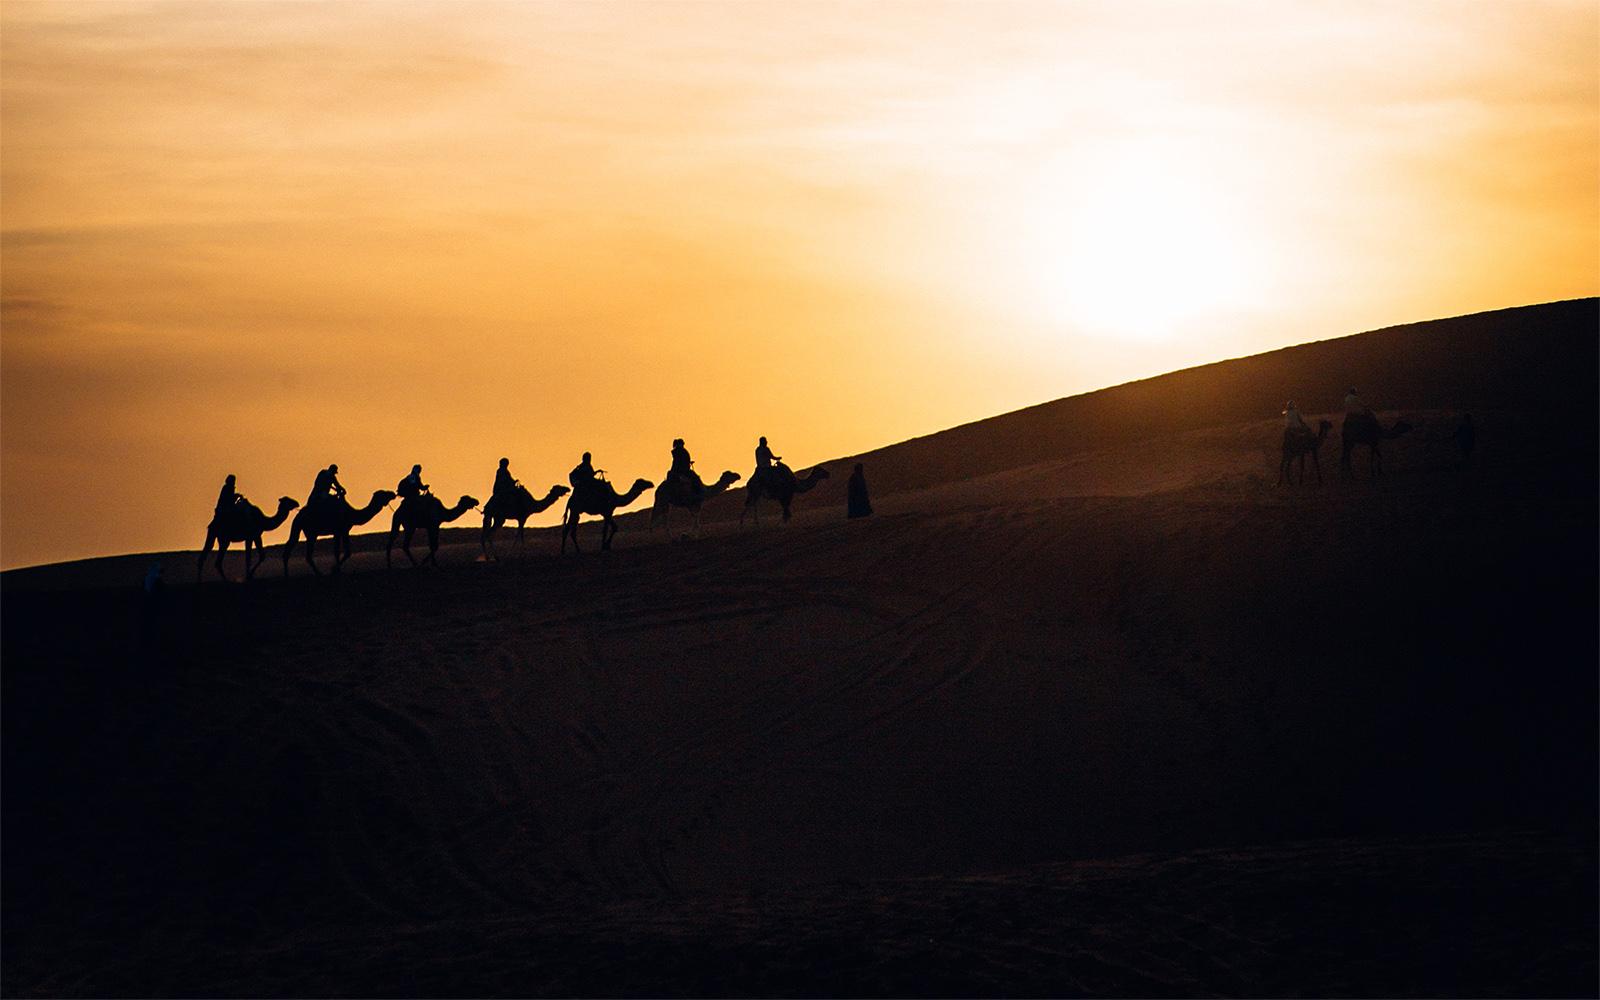 Sahara Desert Tour - Where Dreams Come True